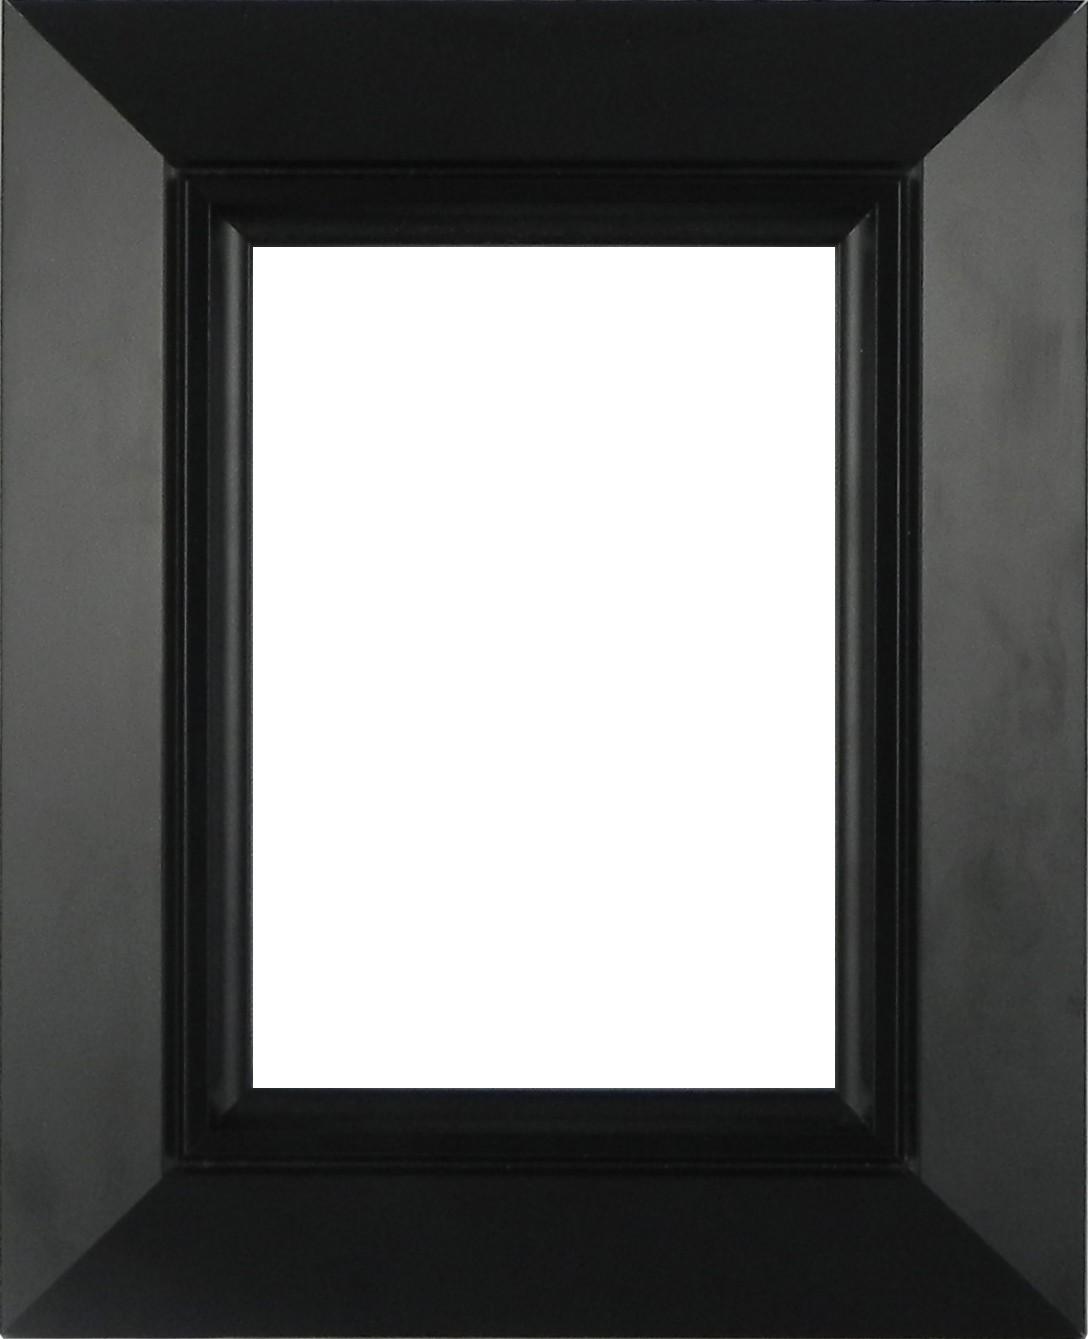 Picture Frame Slick Black